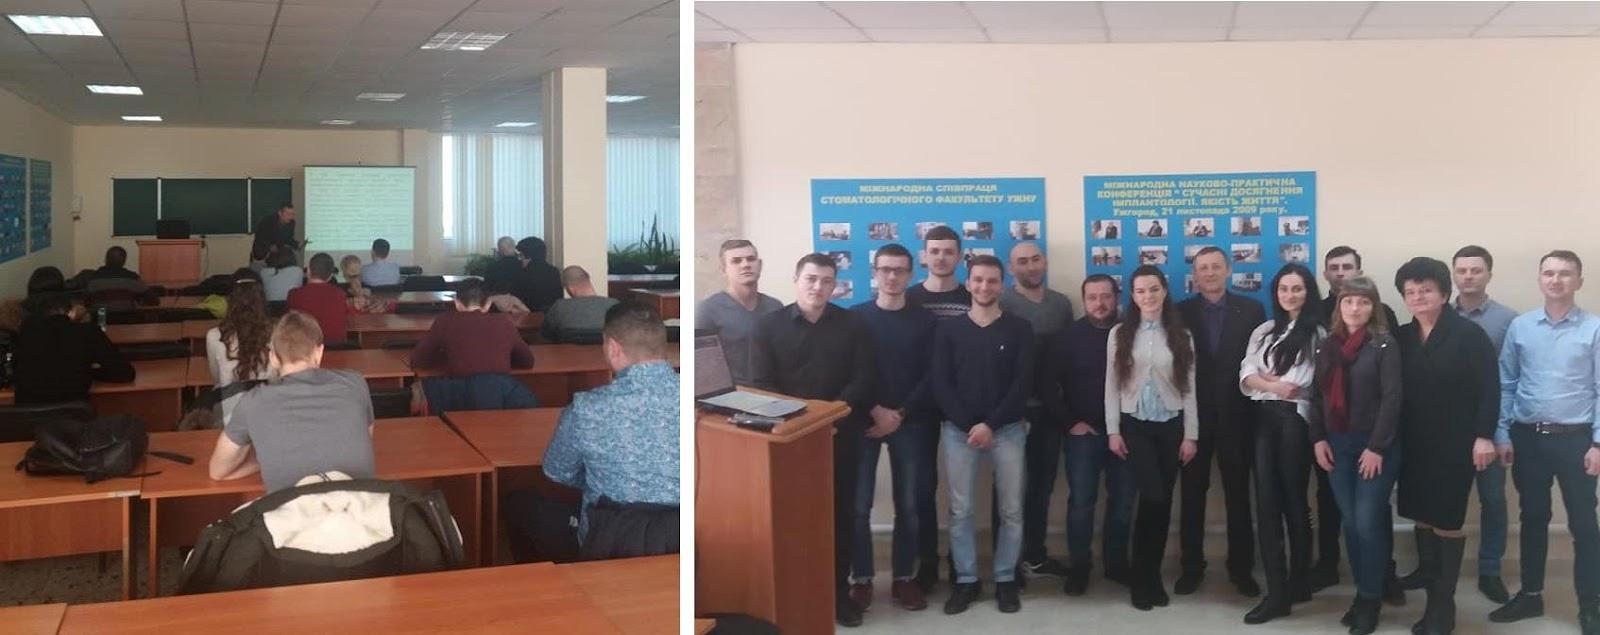 https://www.uzhnu.edu.ua/uploads/root/kafedru/centr_PO/trening3.jpg